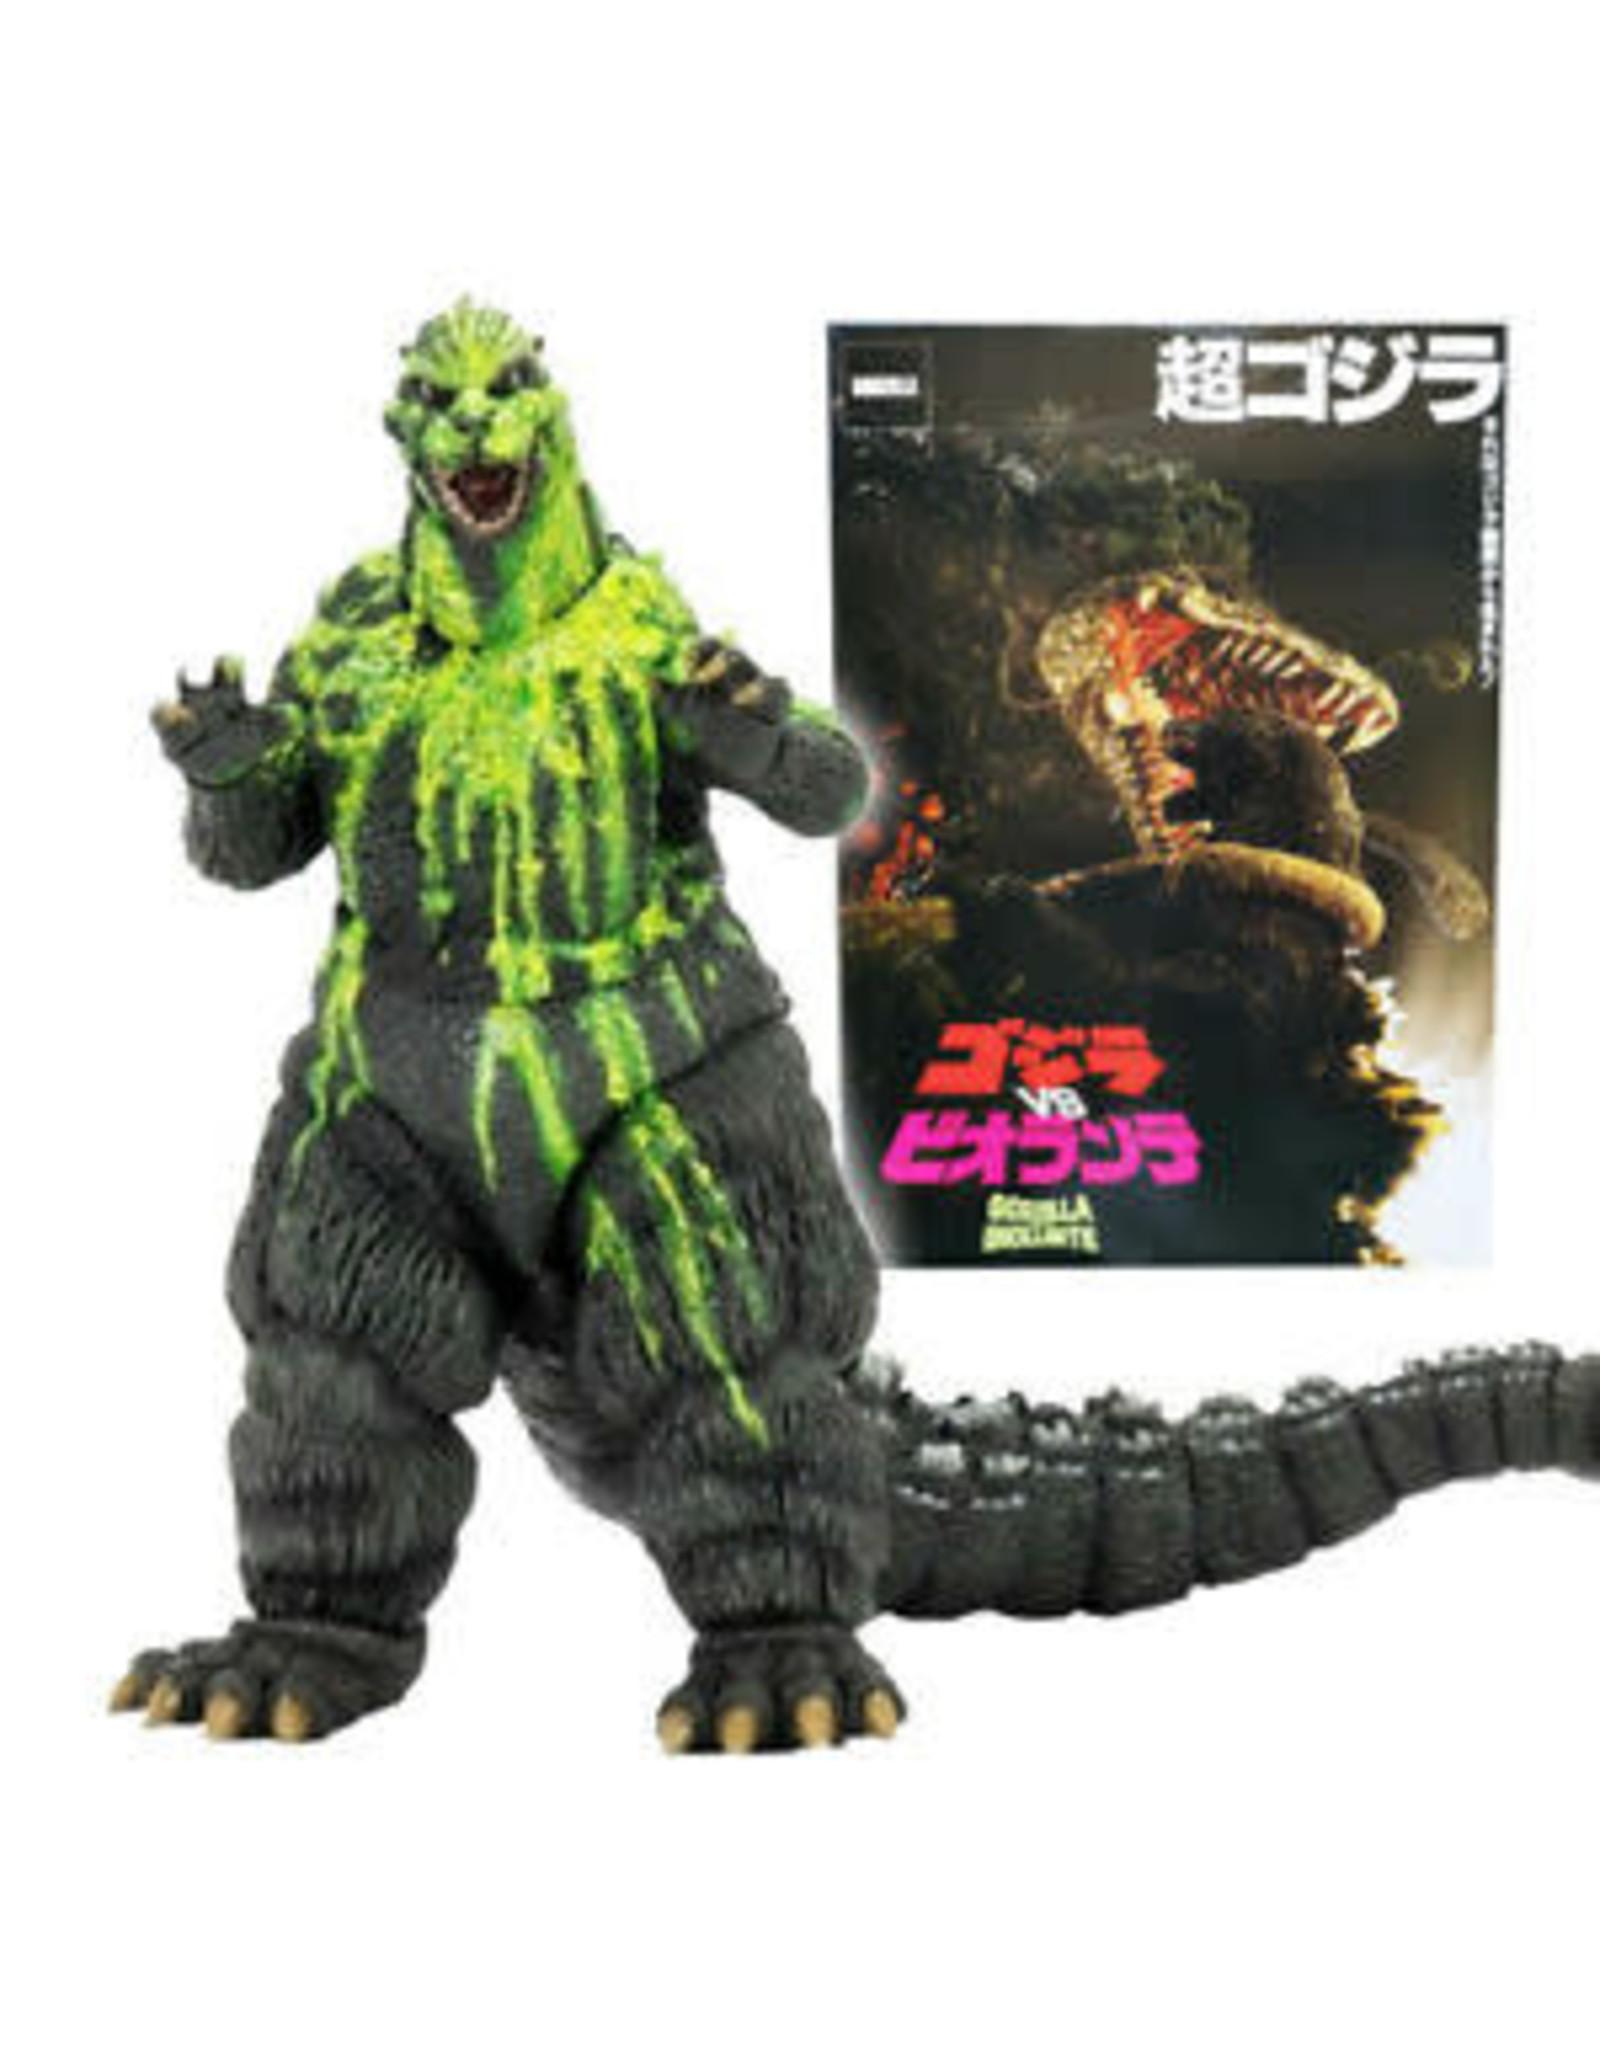 NECA NECA Godzilla Vs Biollante 1989 Godzilla Biollante Bile